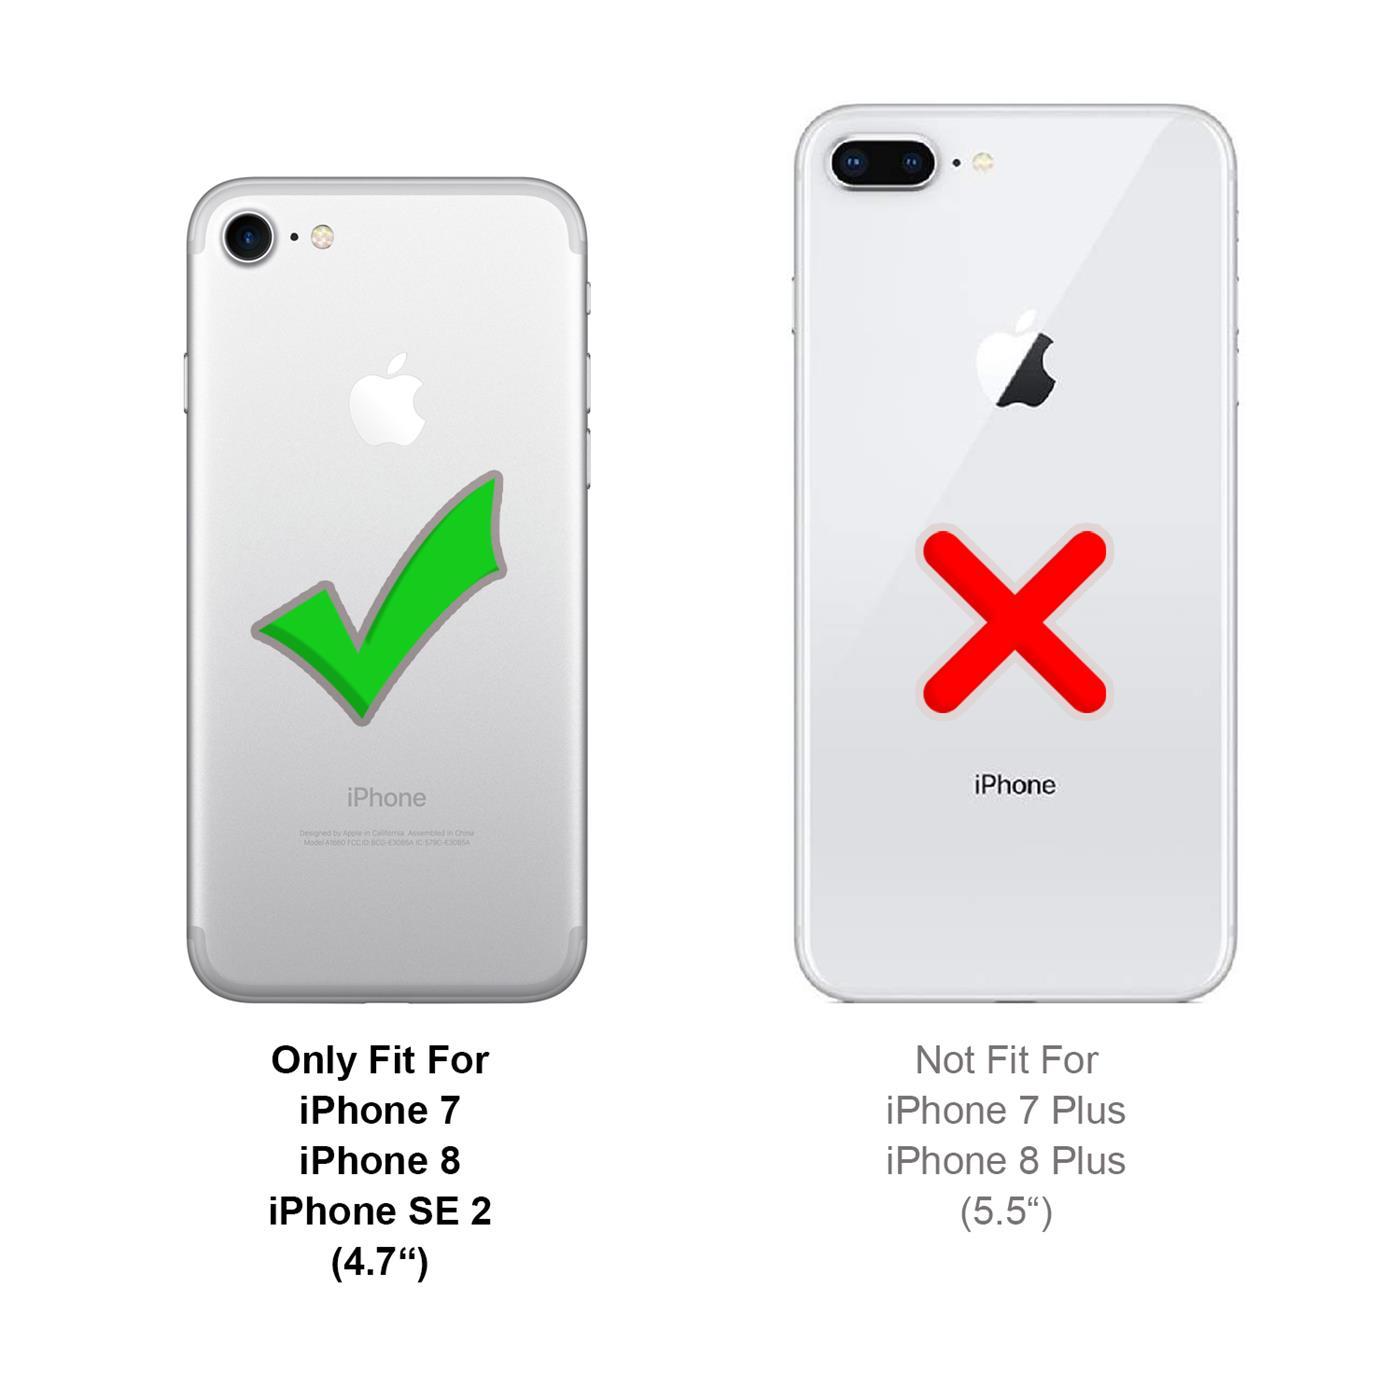 Slim-Cover-Schutzhuelle-Apple-iPhone-Handy-Schutz-Tasche-Huelle-Glas-Panzer-Folie Indexbild 24